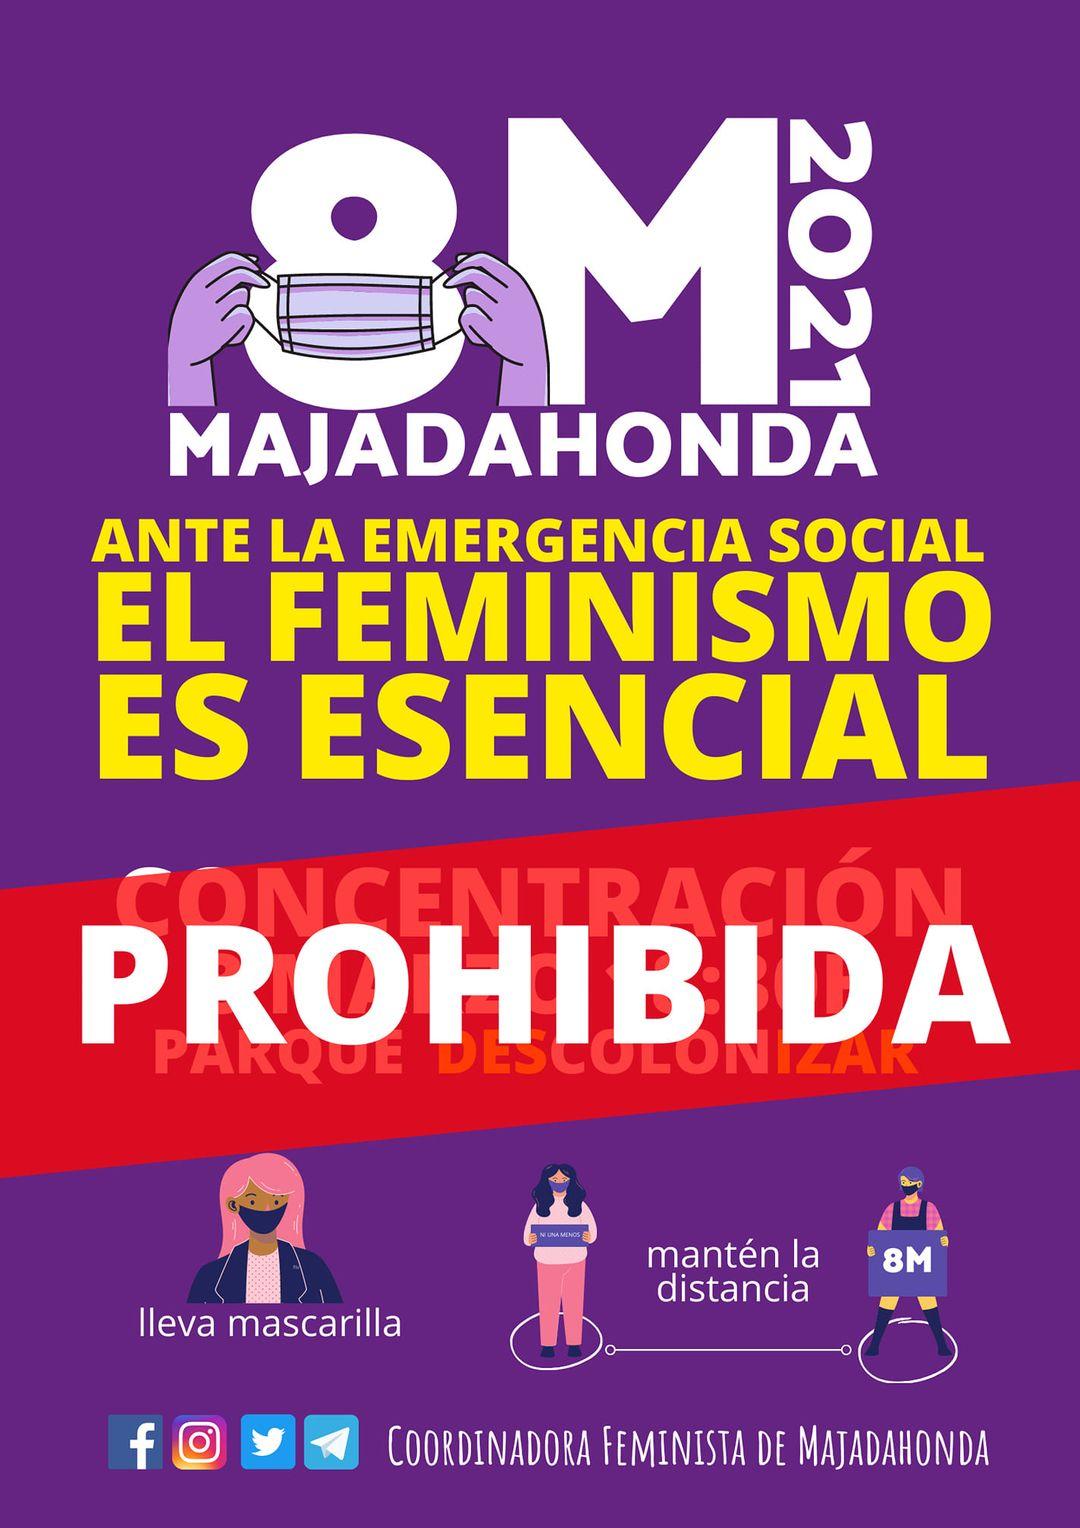 8-M: la derrota judicial en Majadahonda y la reacción negativa de las propias mujeres obliga a las feministas a desconvocar la manifestación